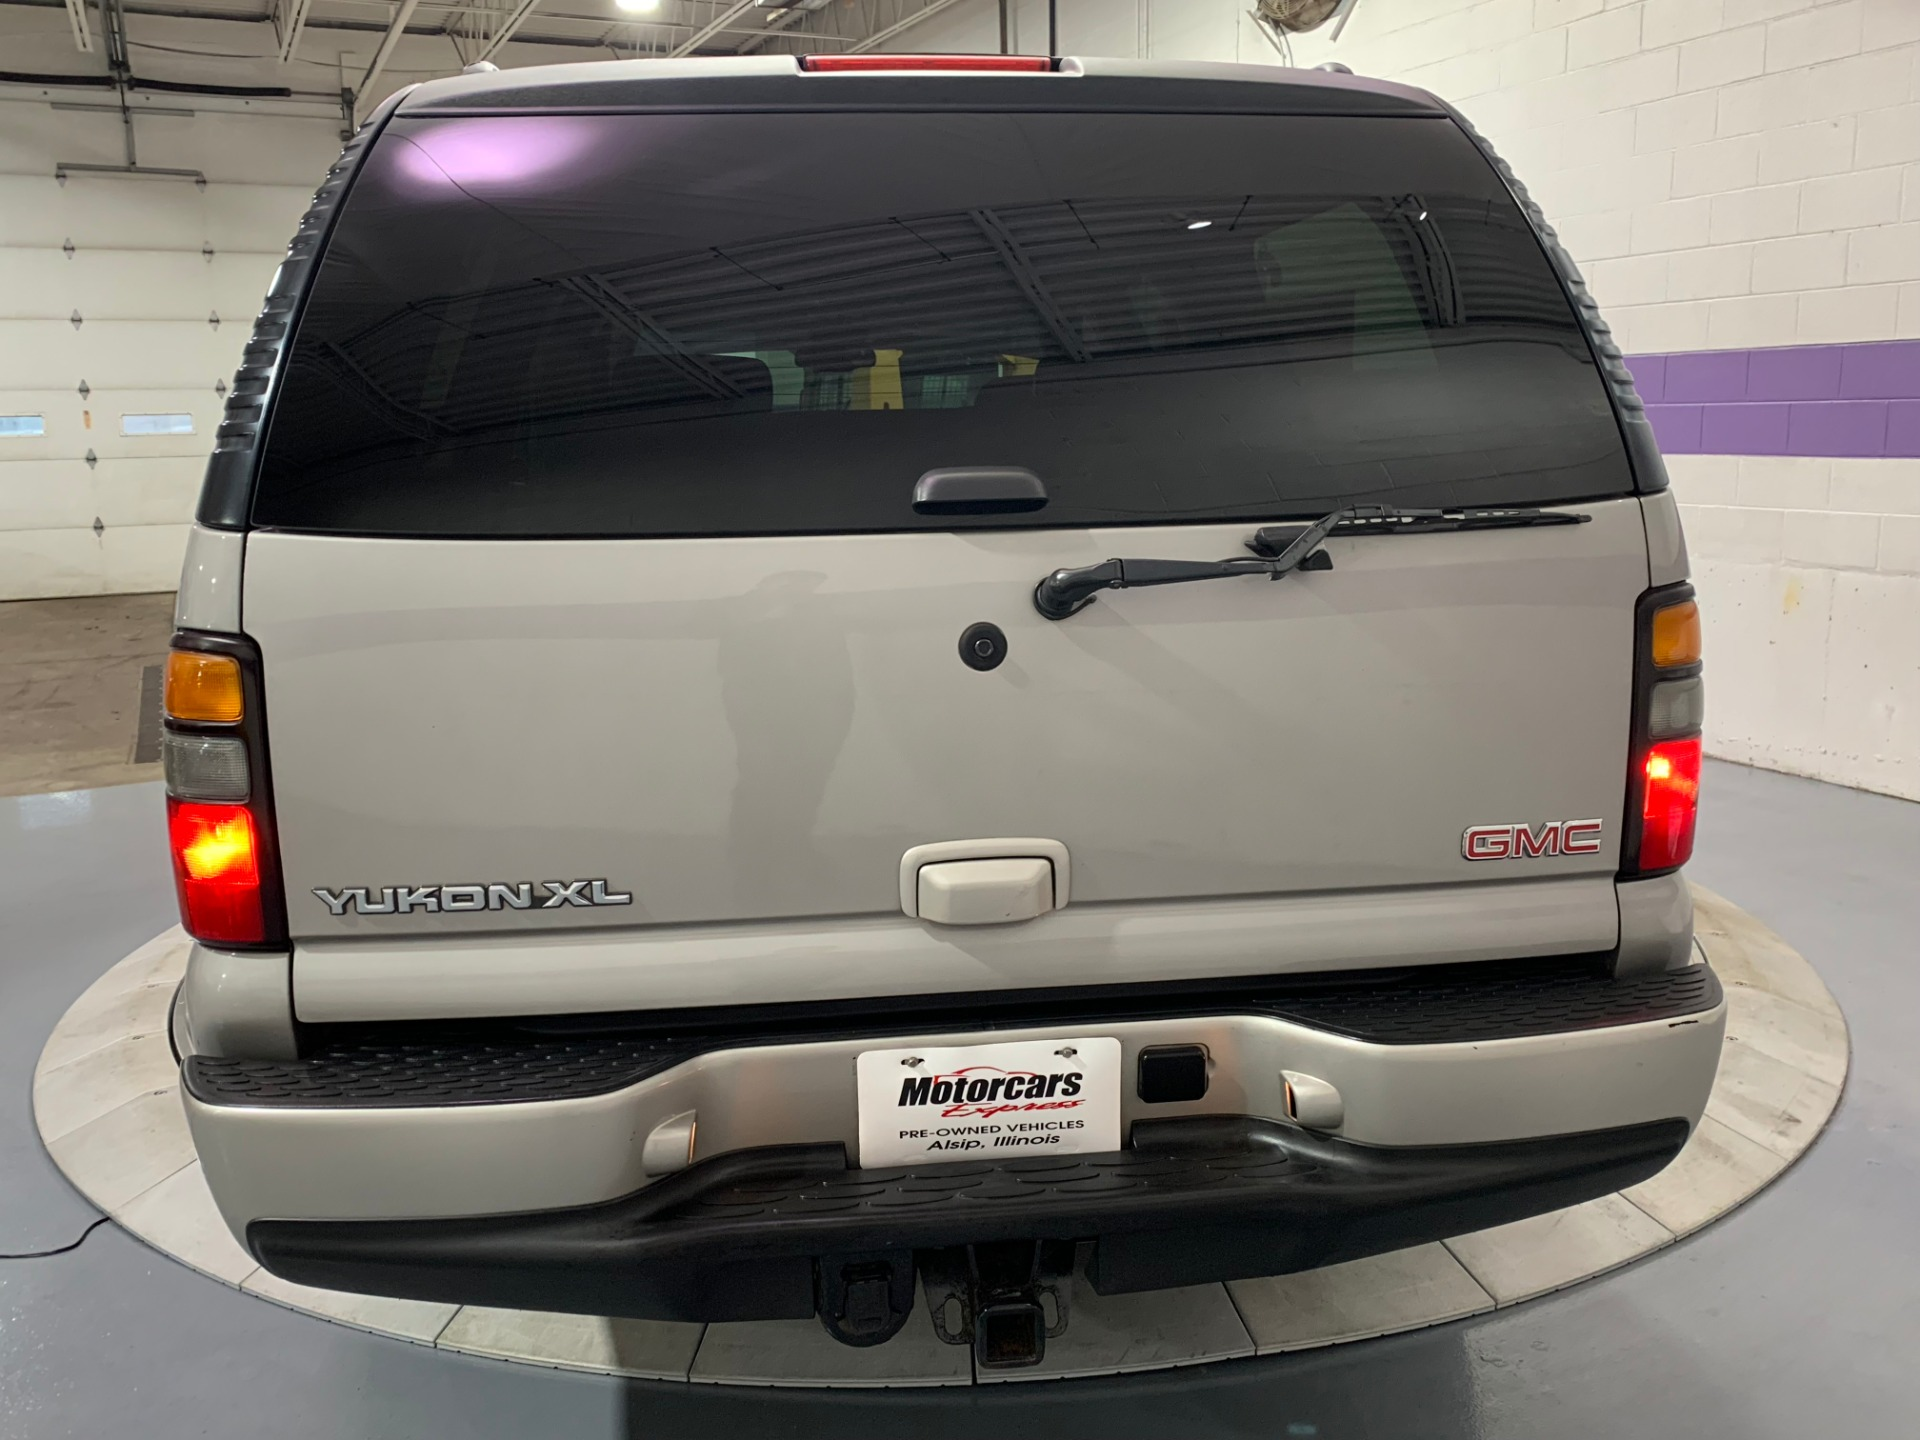 Used-2006-GMC-Yukon-XL-Denali